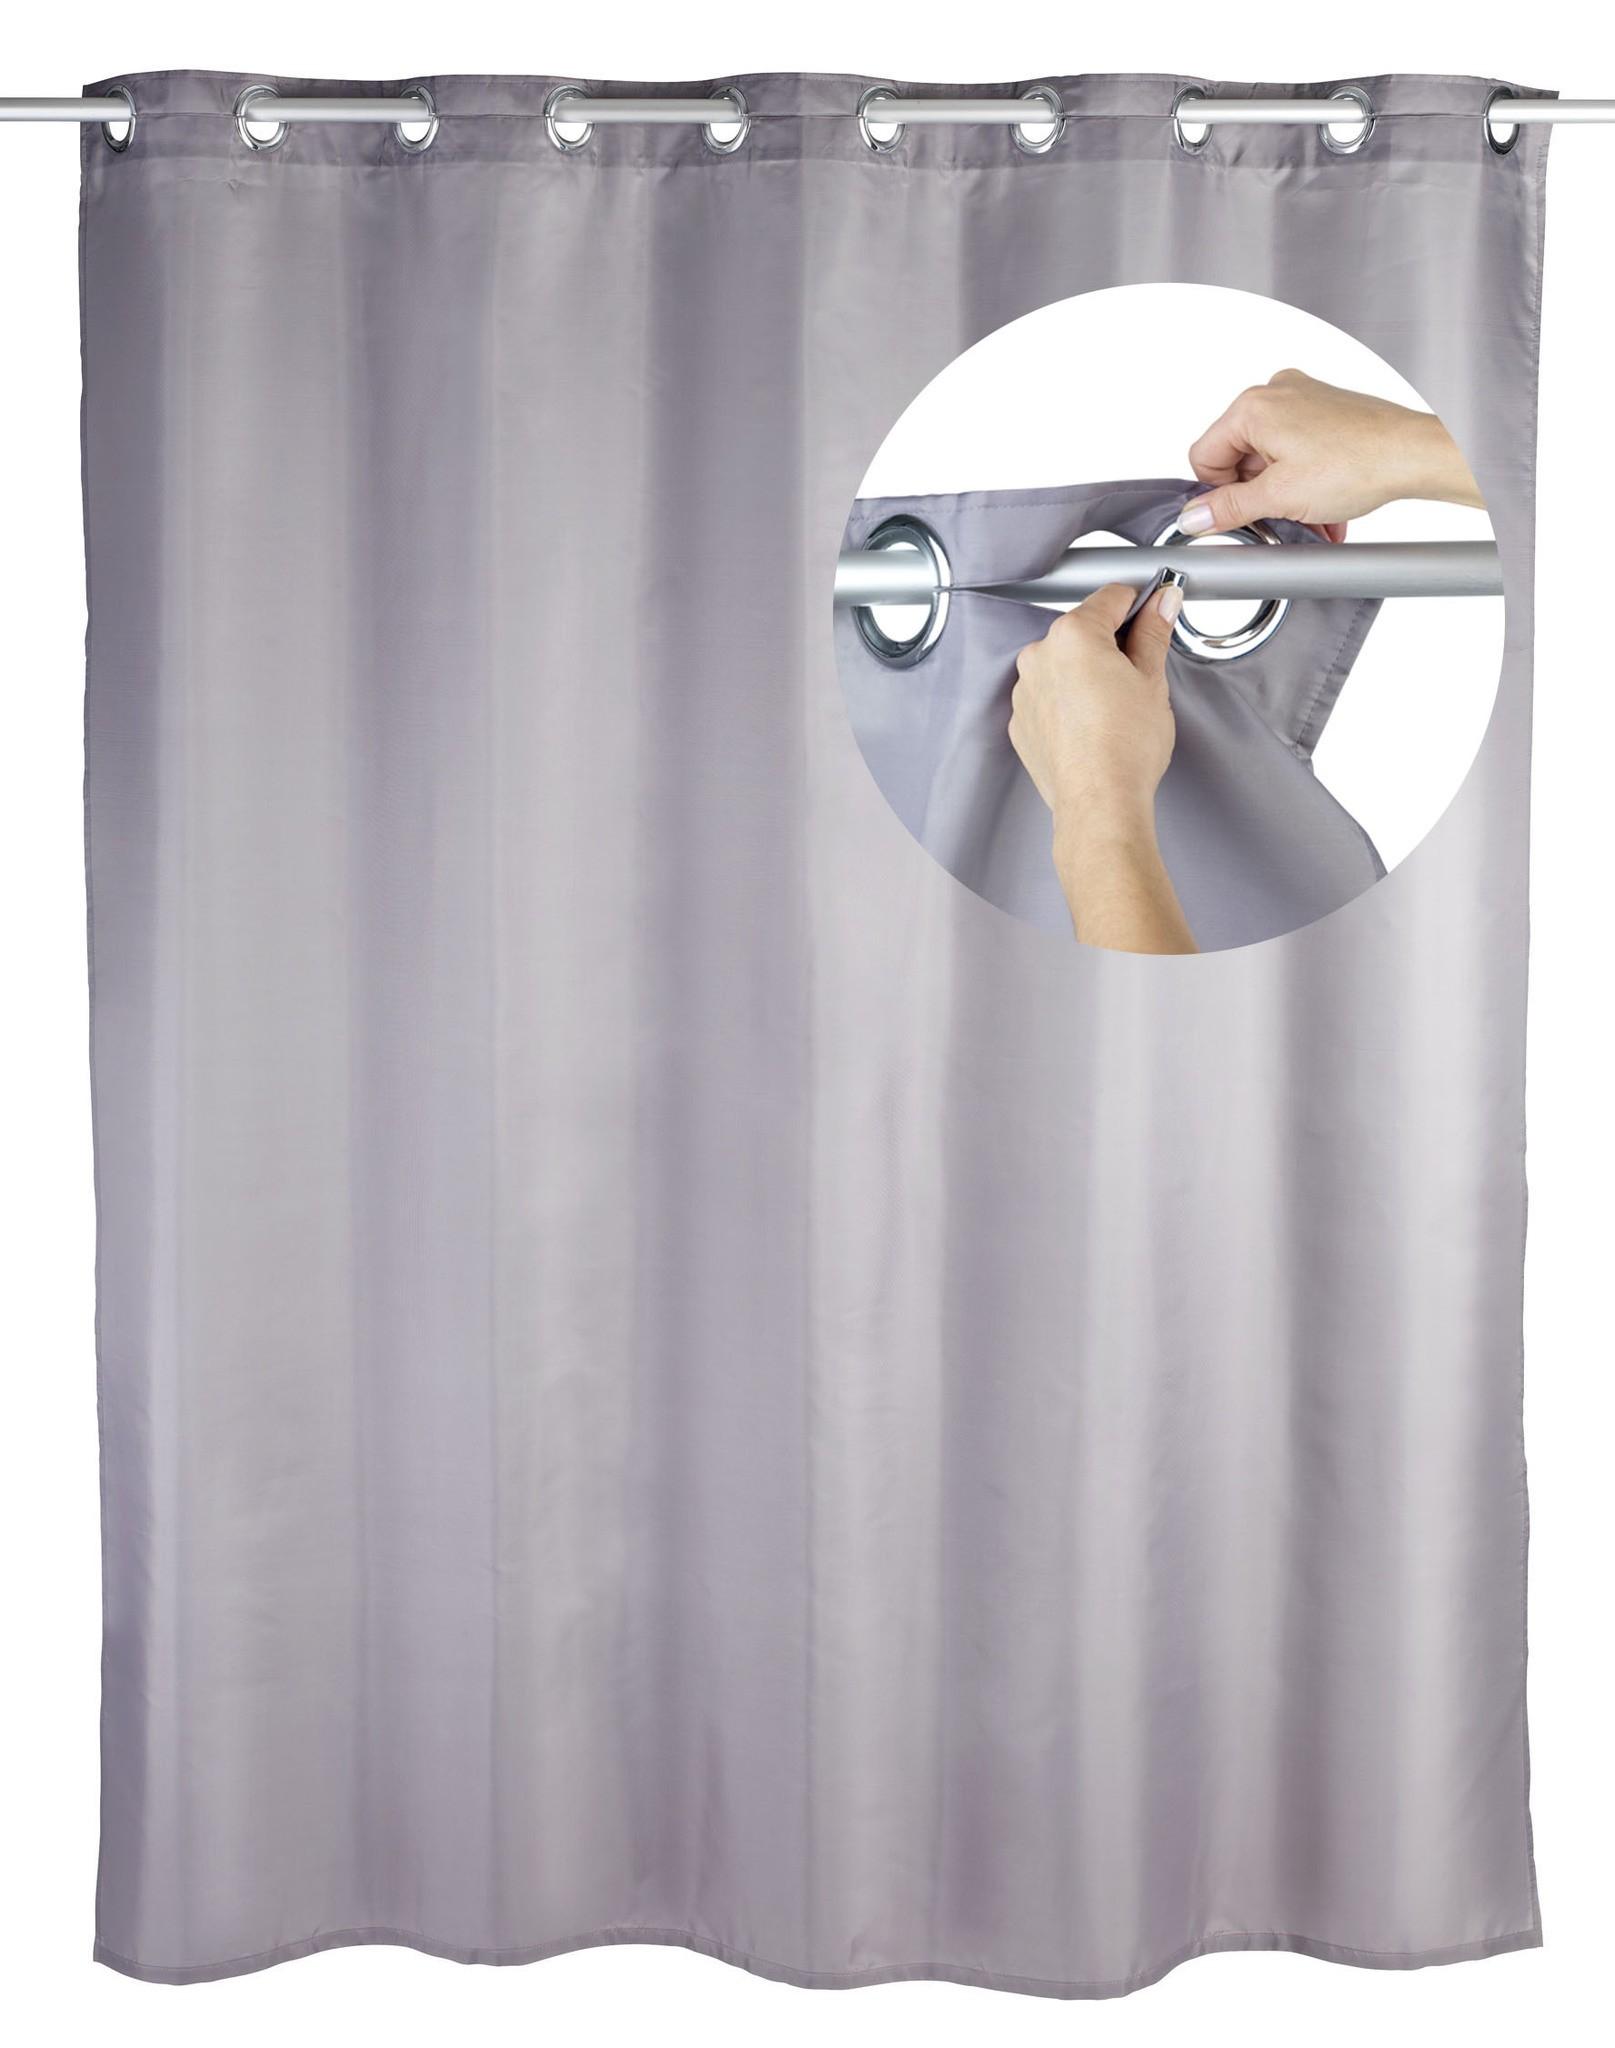 Duschvorhang Comfort Flex Grau, 180 x 200 cm, waschbar